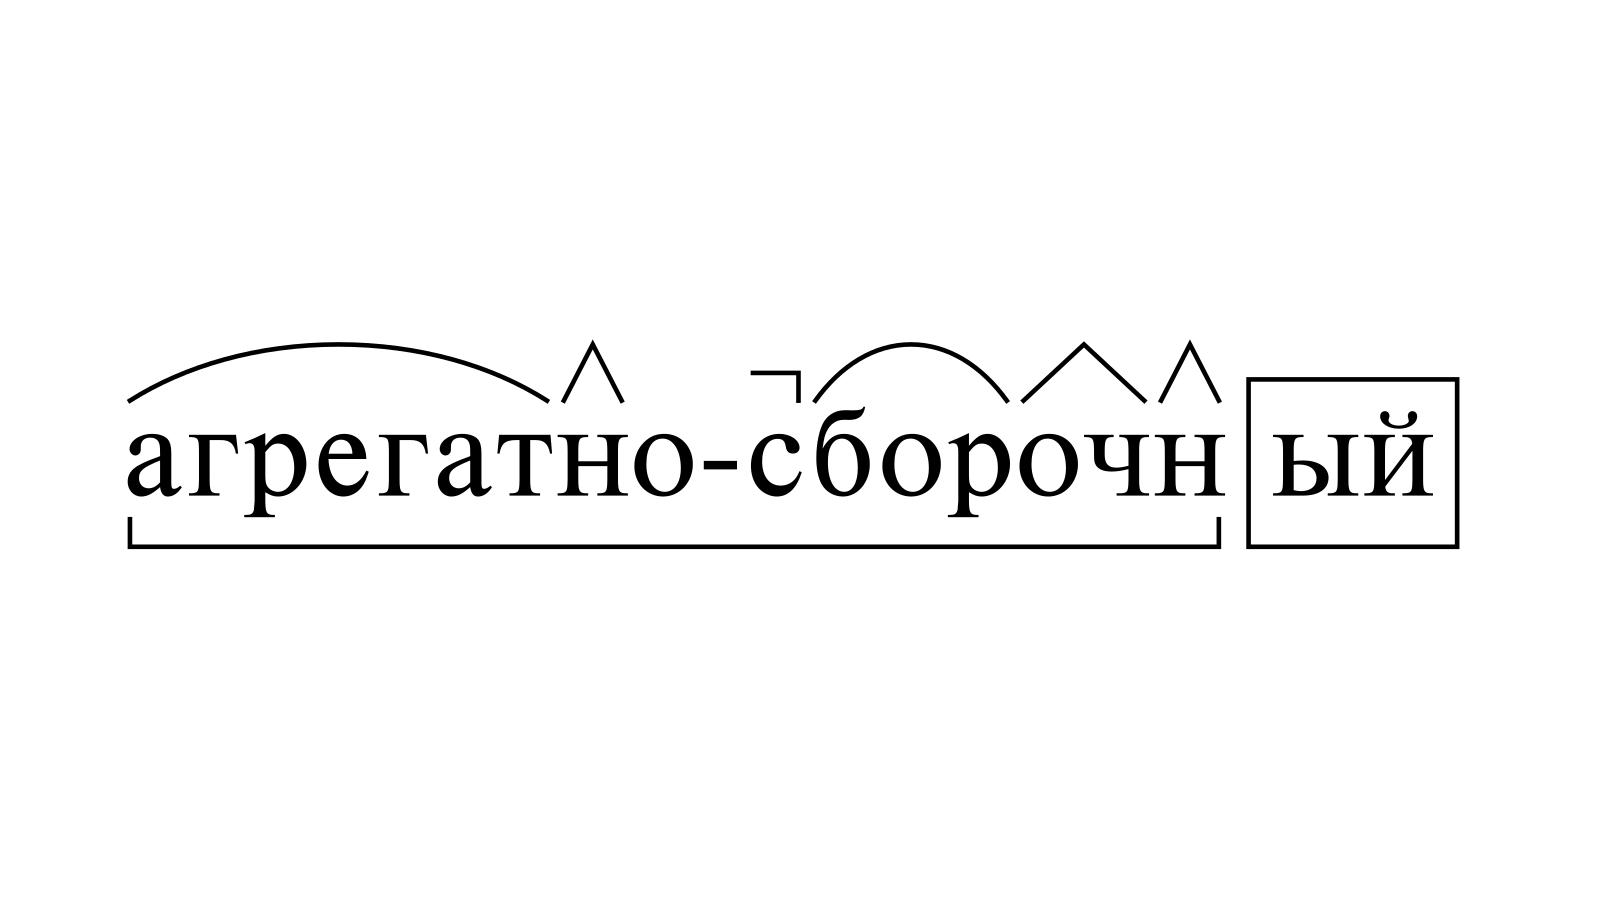 Разбор слова «агрегатно-сборочный» по составу